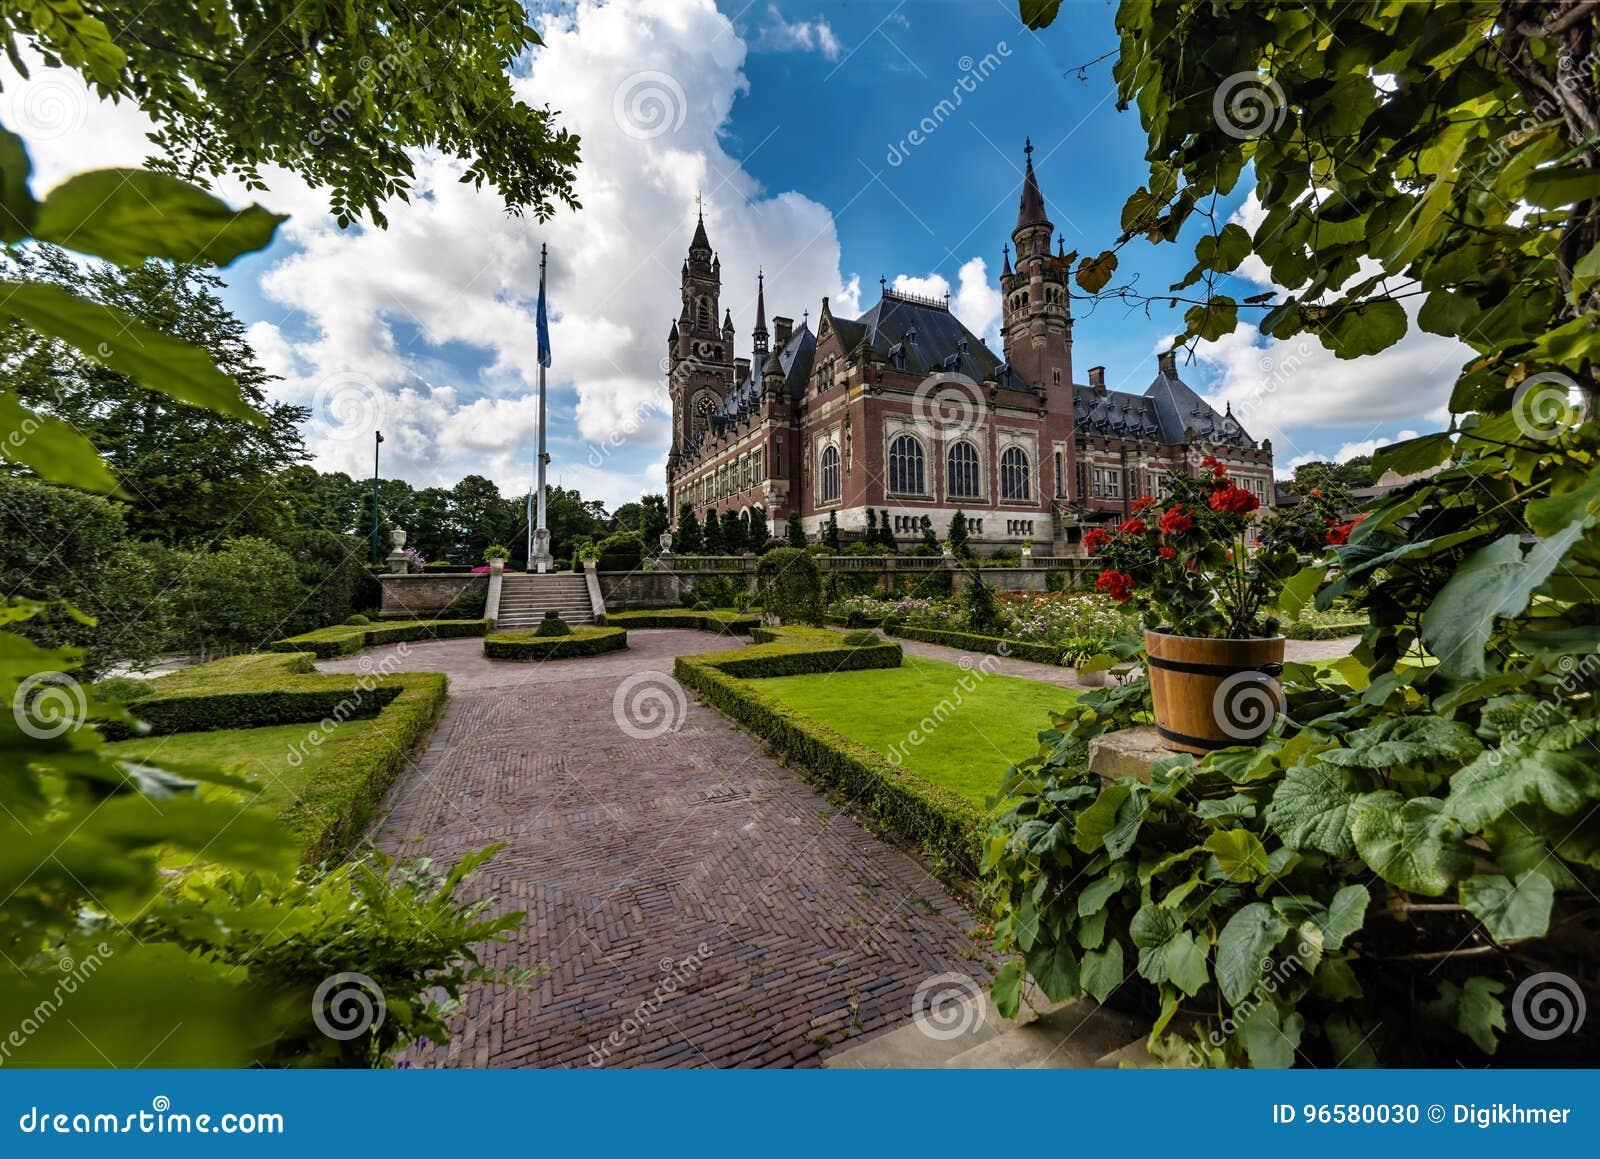 Κήπος παλατιών ειρήνης